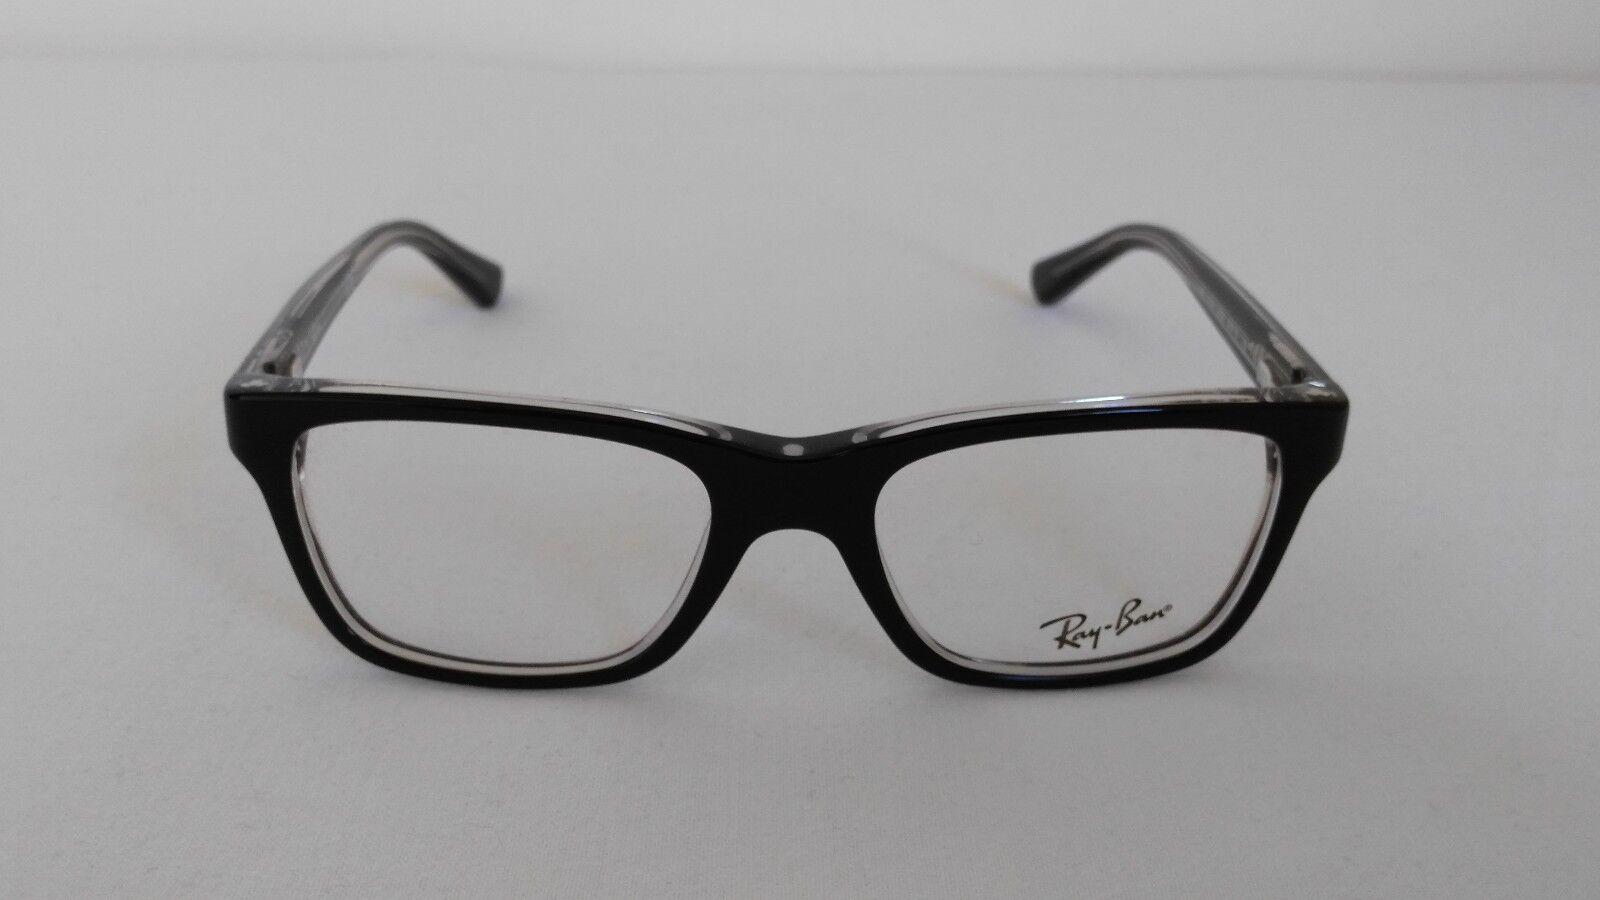 e9f83b3f51 Ray-Ban Junior Rb1536-3529 Black DESIGNER Glasses Eyeglasses Frames ...